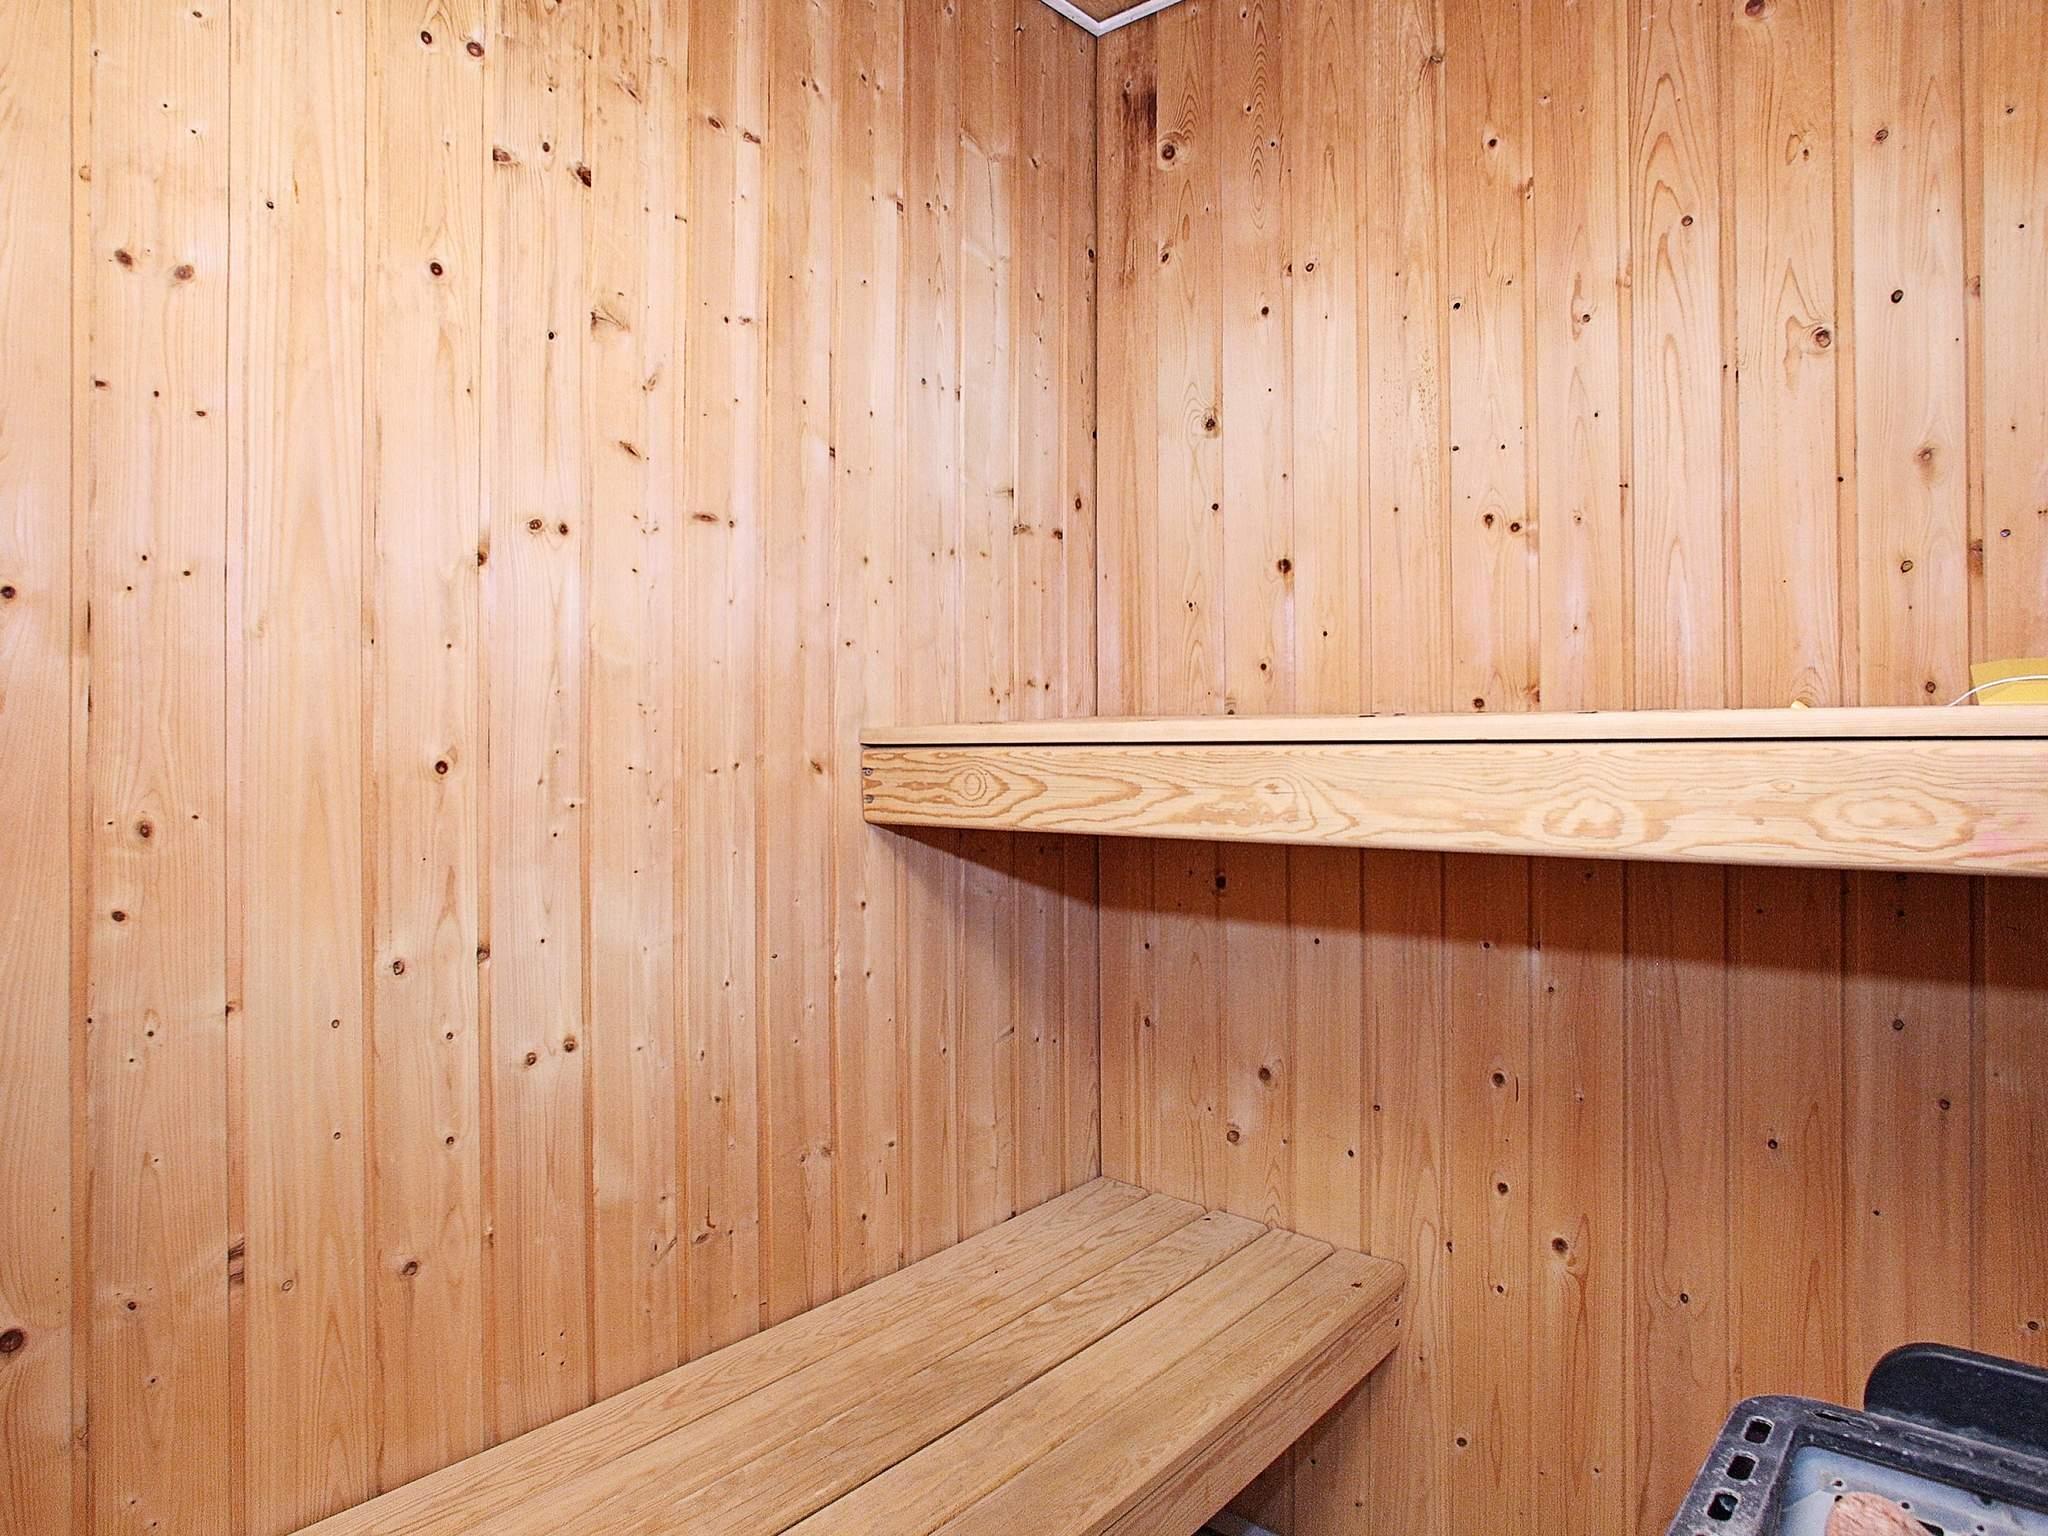 Ferienhaus Fur (83078), Fur, , Limfjord, Dänemark, Bild 23